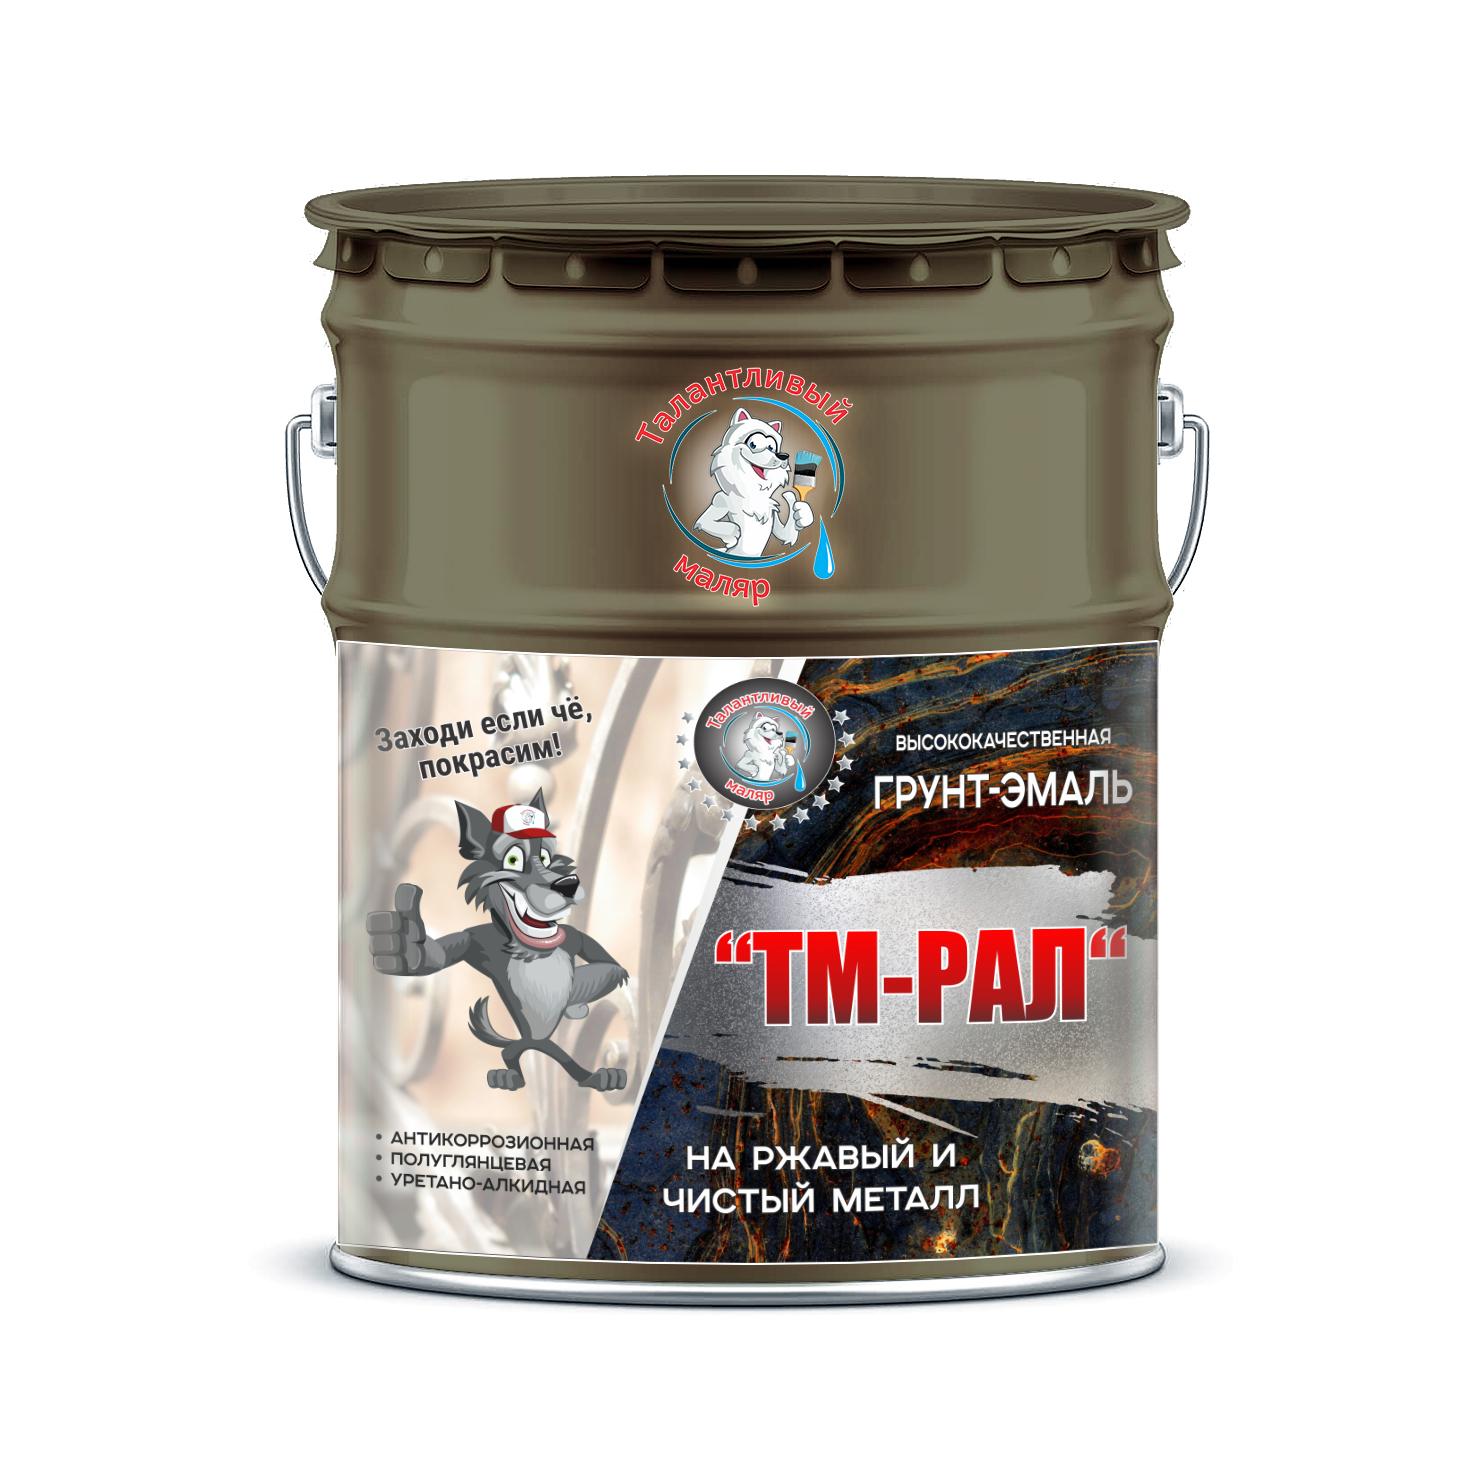 """Фото 3 - TM7002 Грунт-Эмаль """"ТМ РАЛ"""" уретано-алкидная 3 в 1 цвет RAL 7002 Оливково-серый, антикоррозионная,  полуглянцевая для черных металлов, 20 кг """"Талантливый маляр""""."""